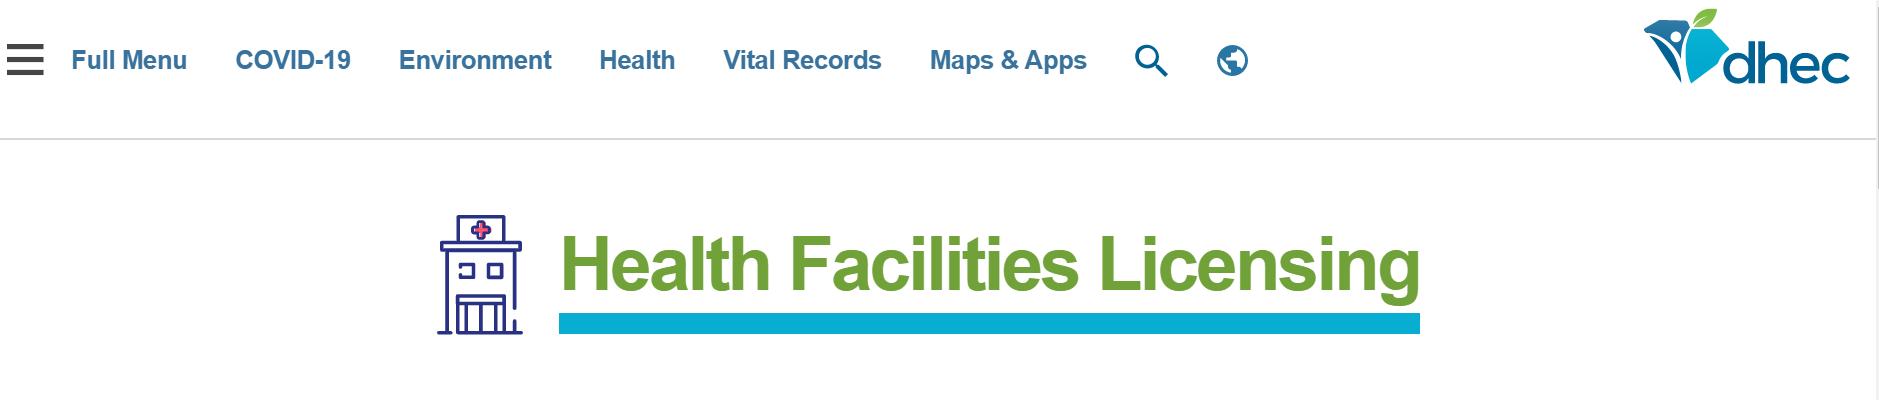 South Carolina Health Facility